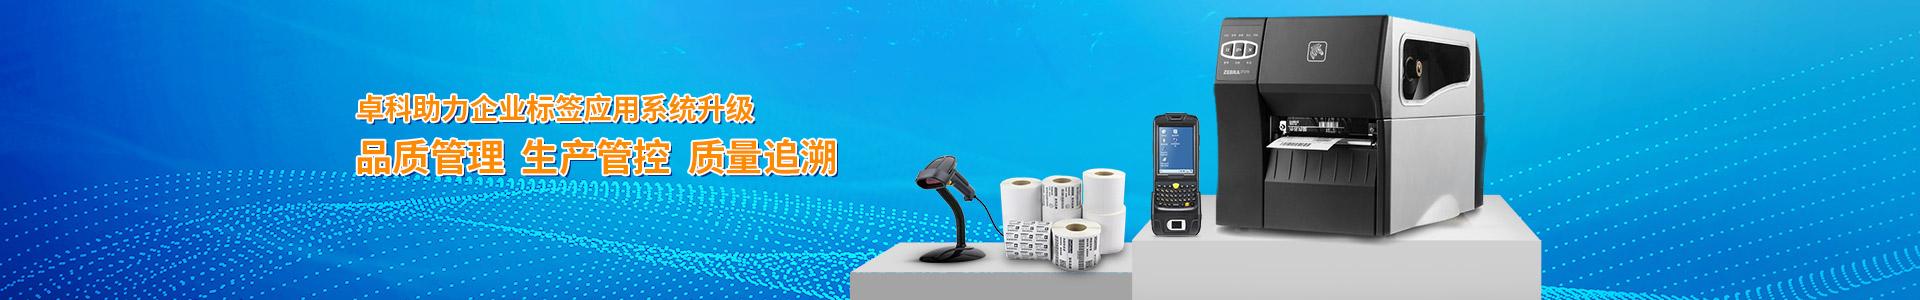 卓科助力企业标签应用系统升级 品质管理 生产管控 质量追溯